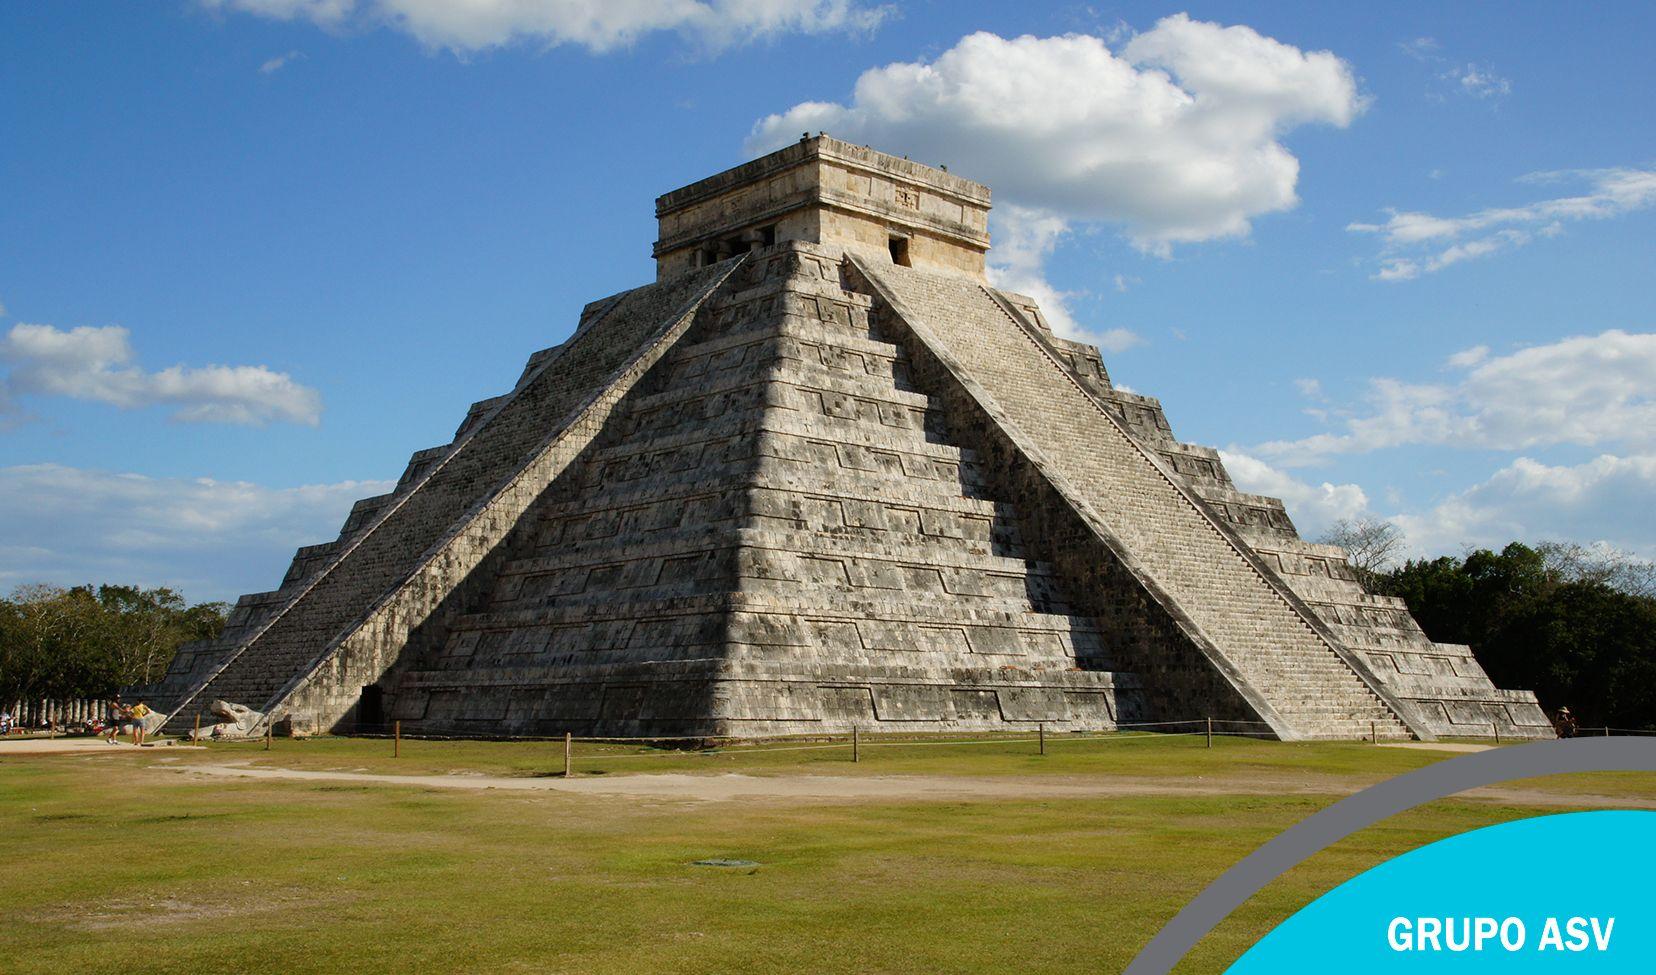 Arquitectura funeraria: Tumbas en la civilización Maya